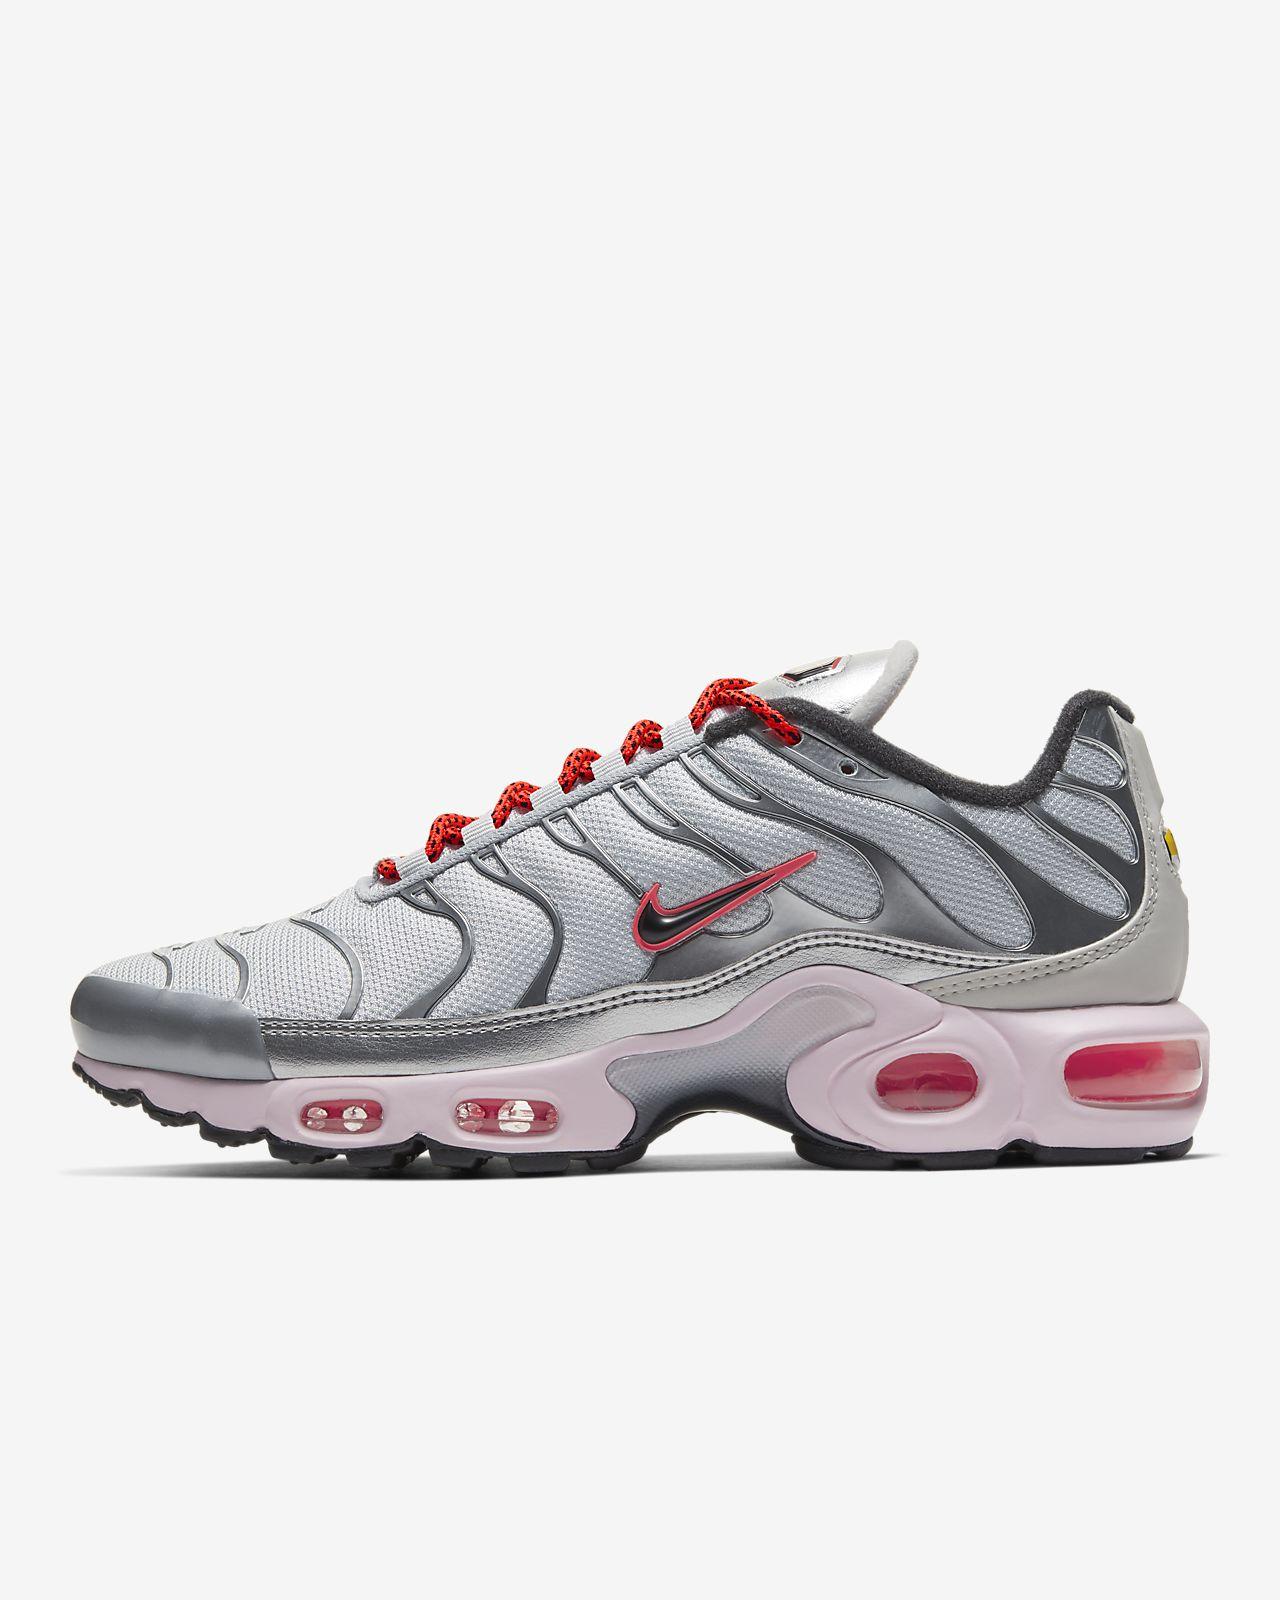 Chaussure Nike Air Max Plus pour Femme